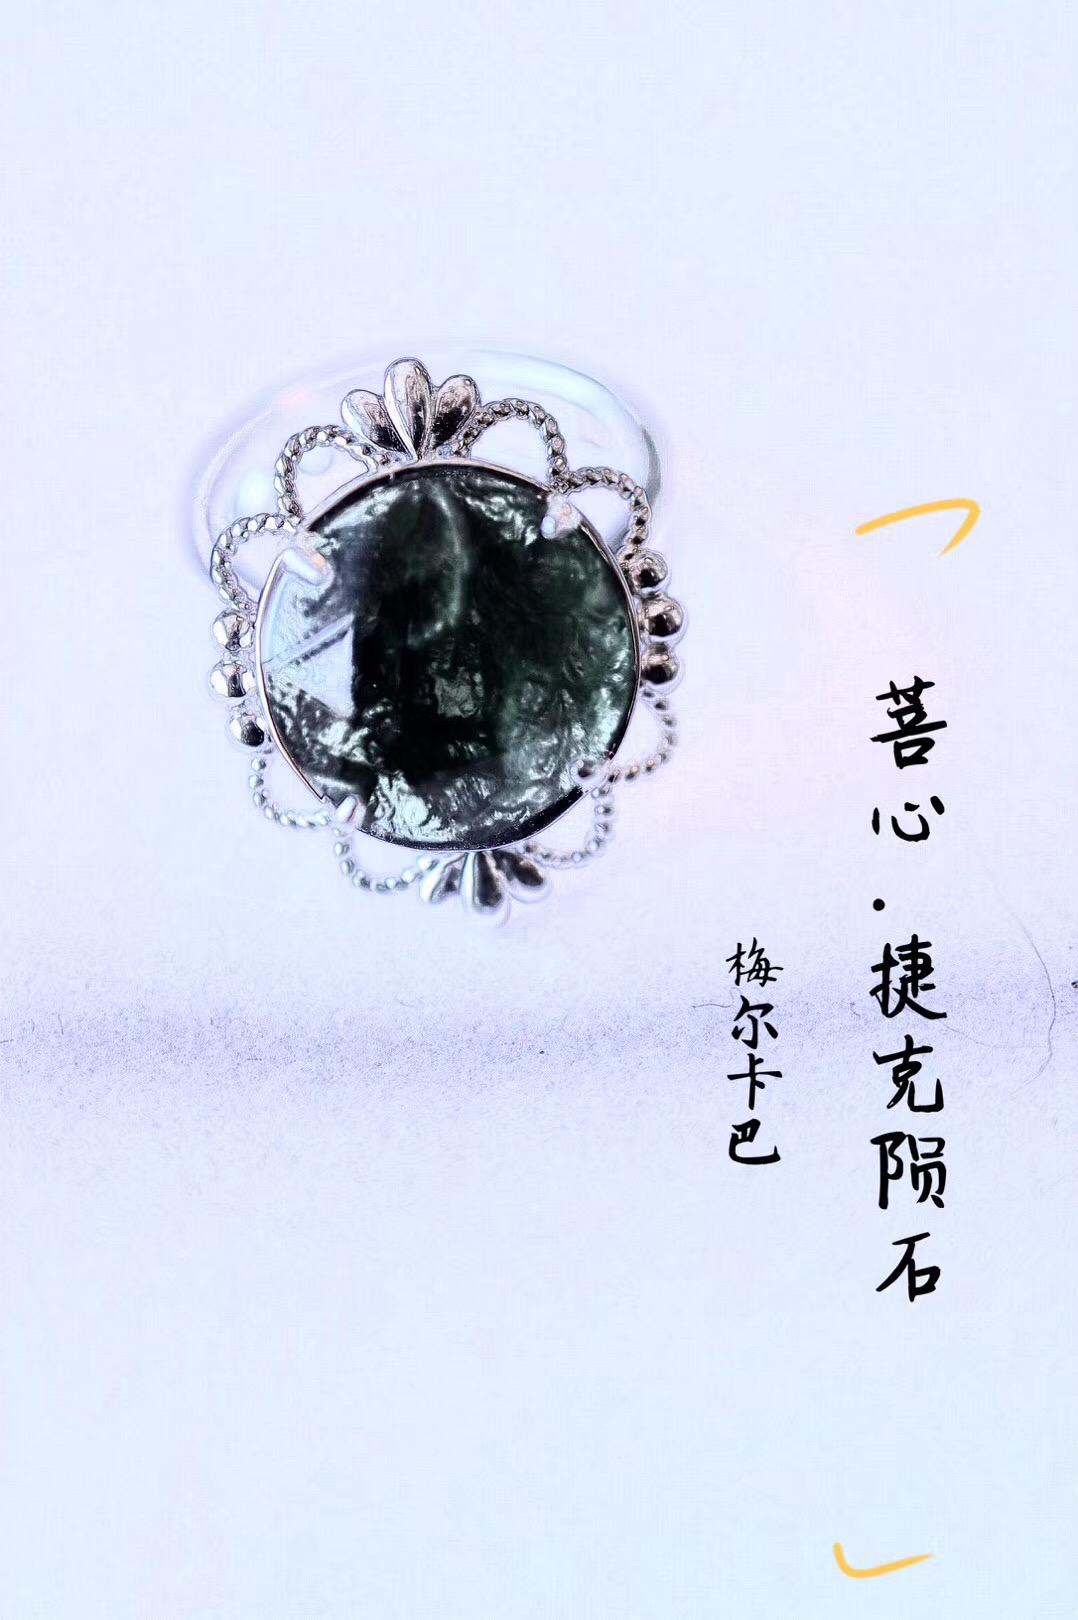 【捷克陨石 吊坠戒指两用】戴上他,足可悟一幕花开花落。-菩心晶舍